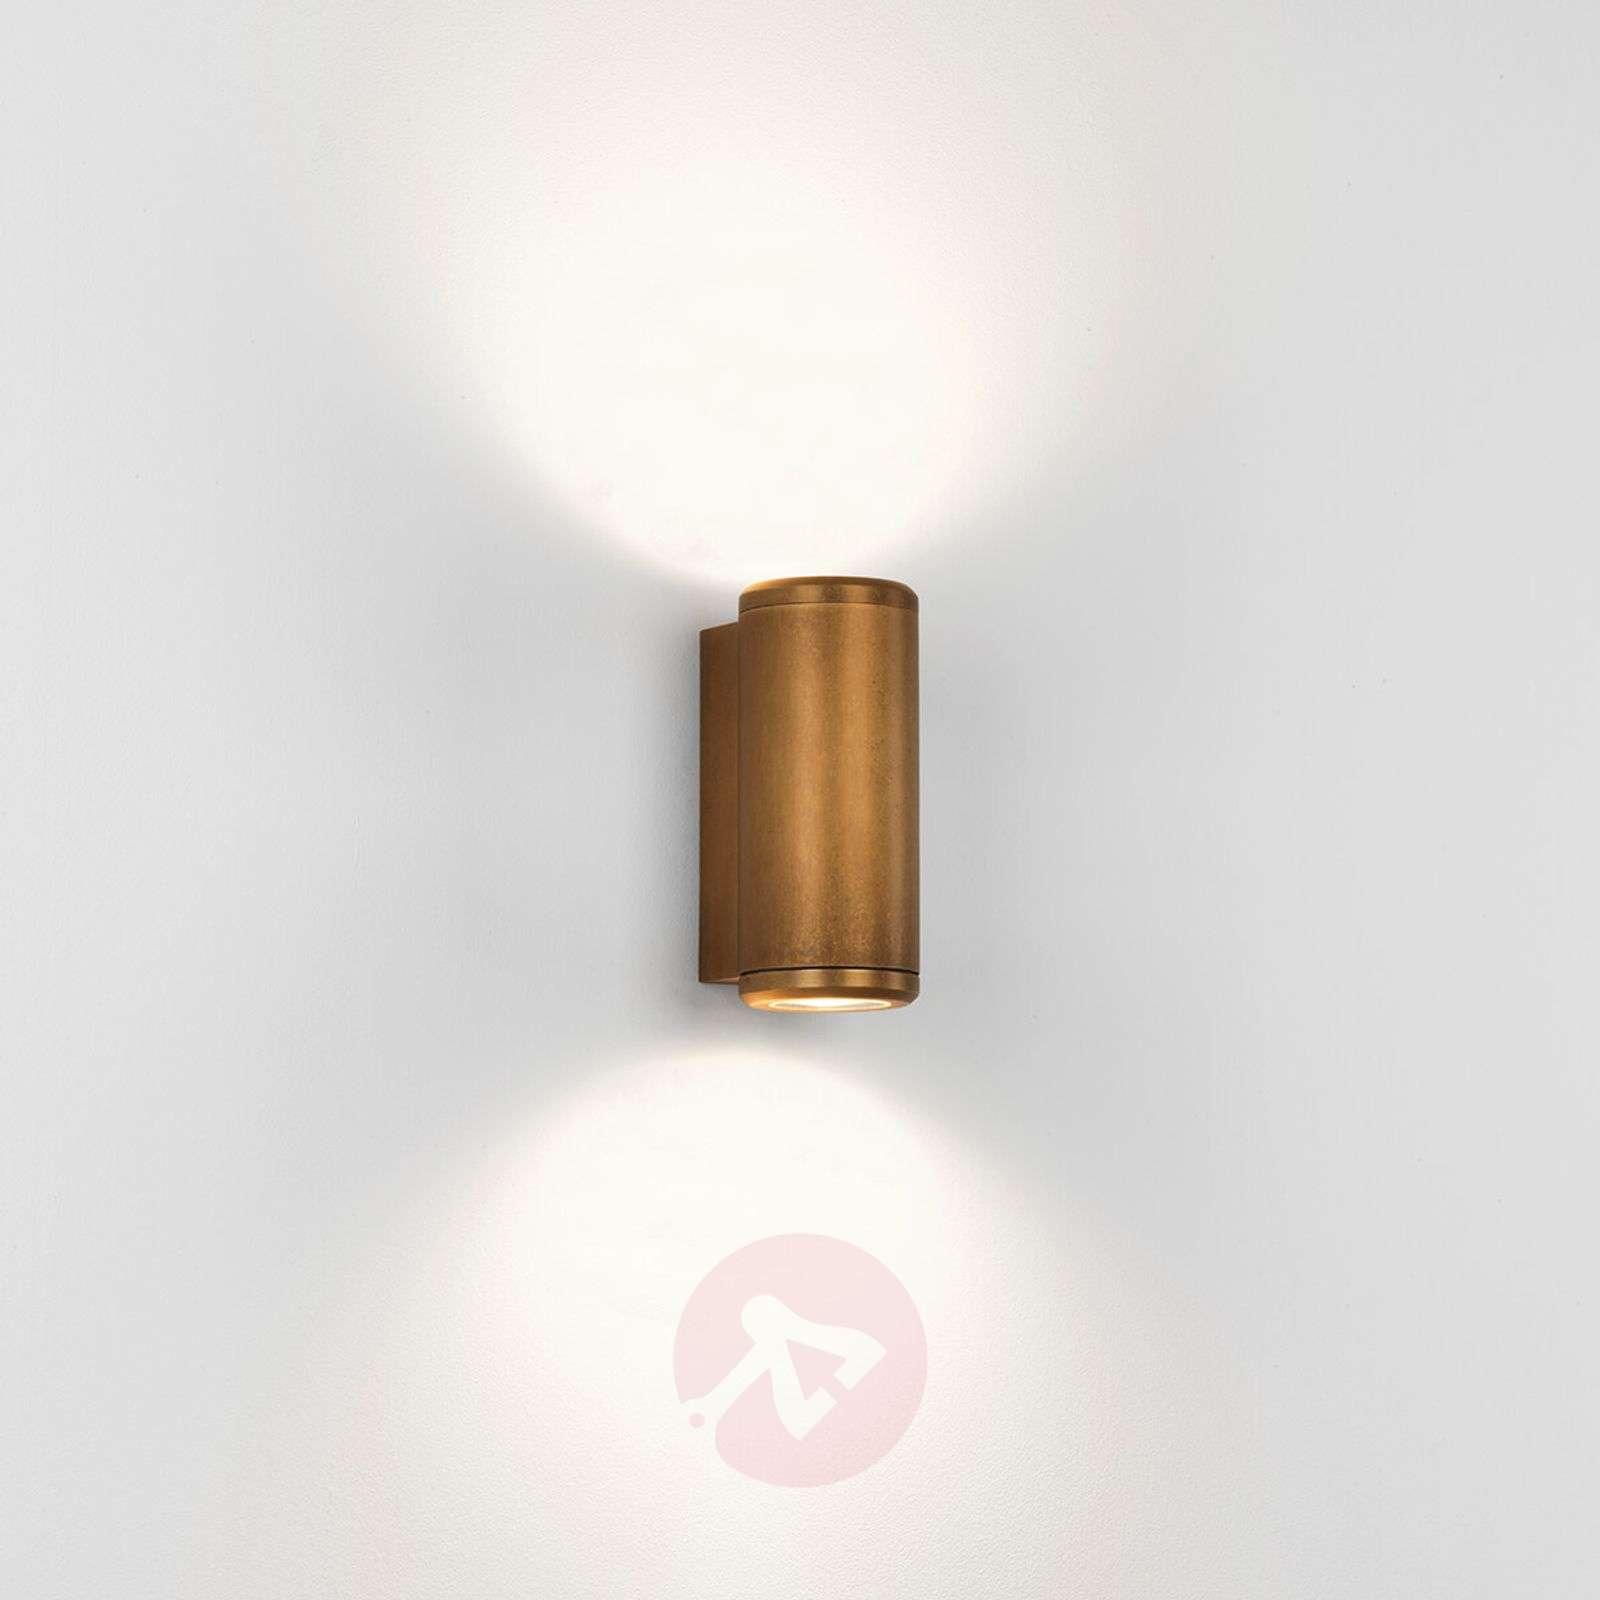 Jura Twin chic outdoor wall light made of brass-1020576-01